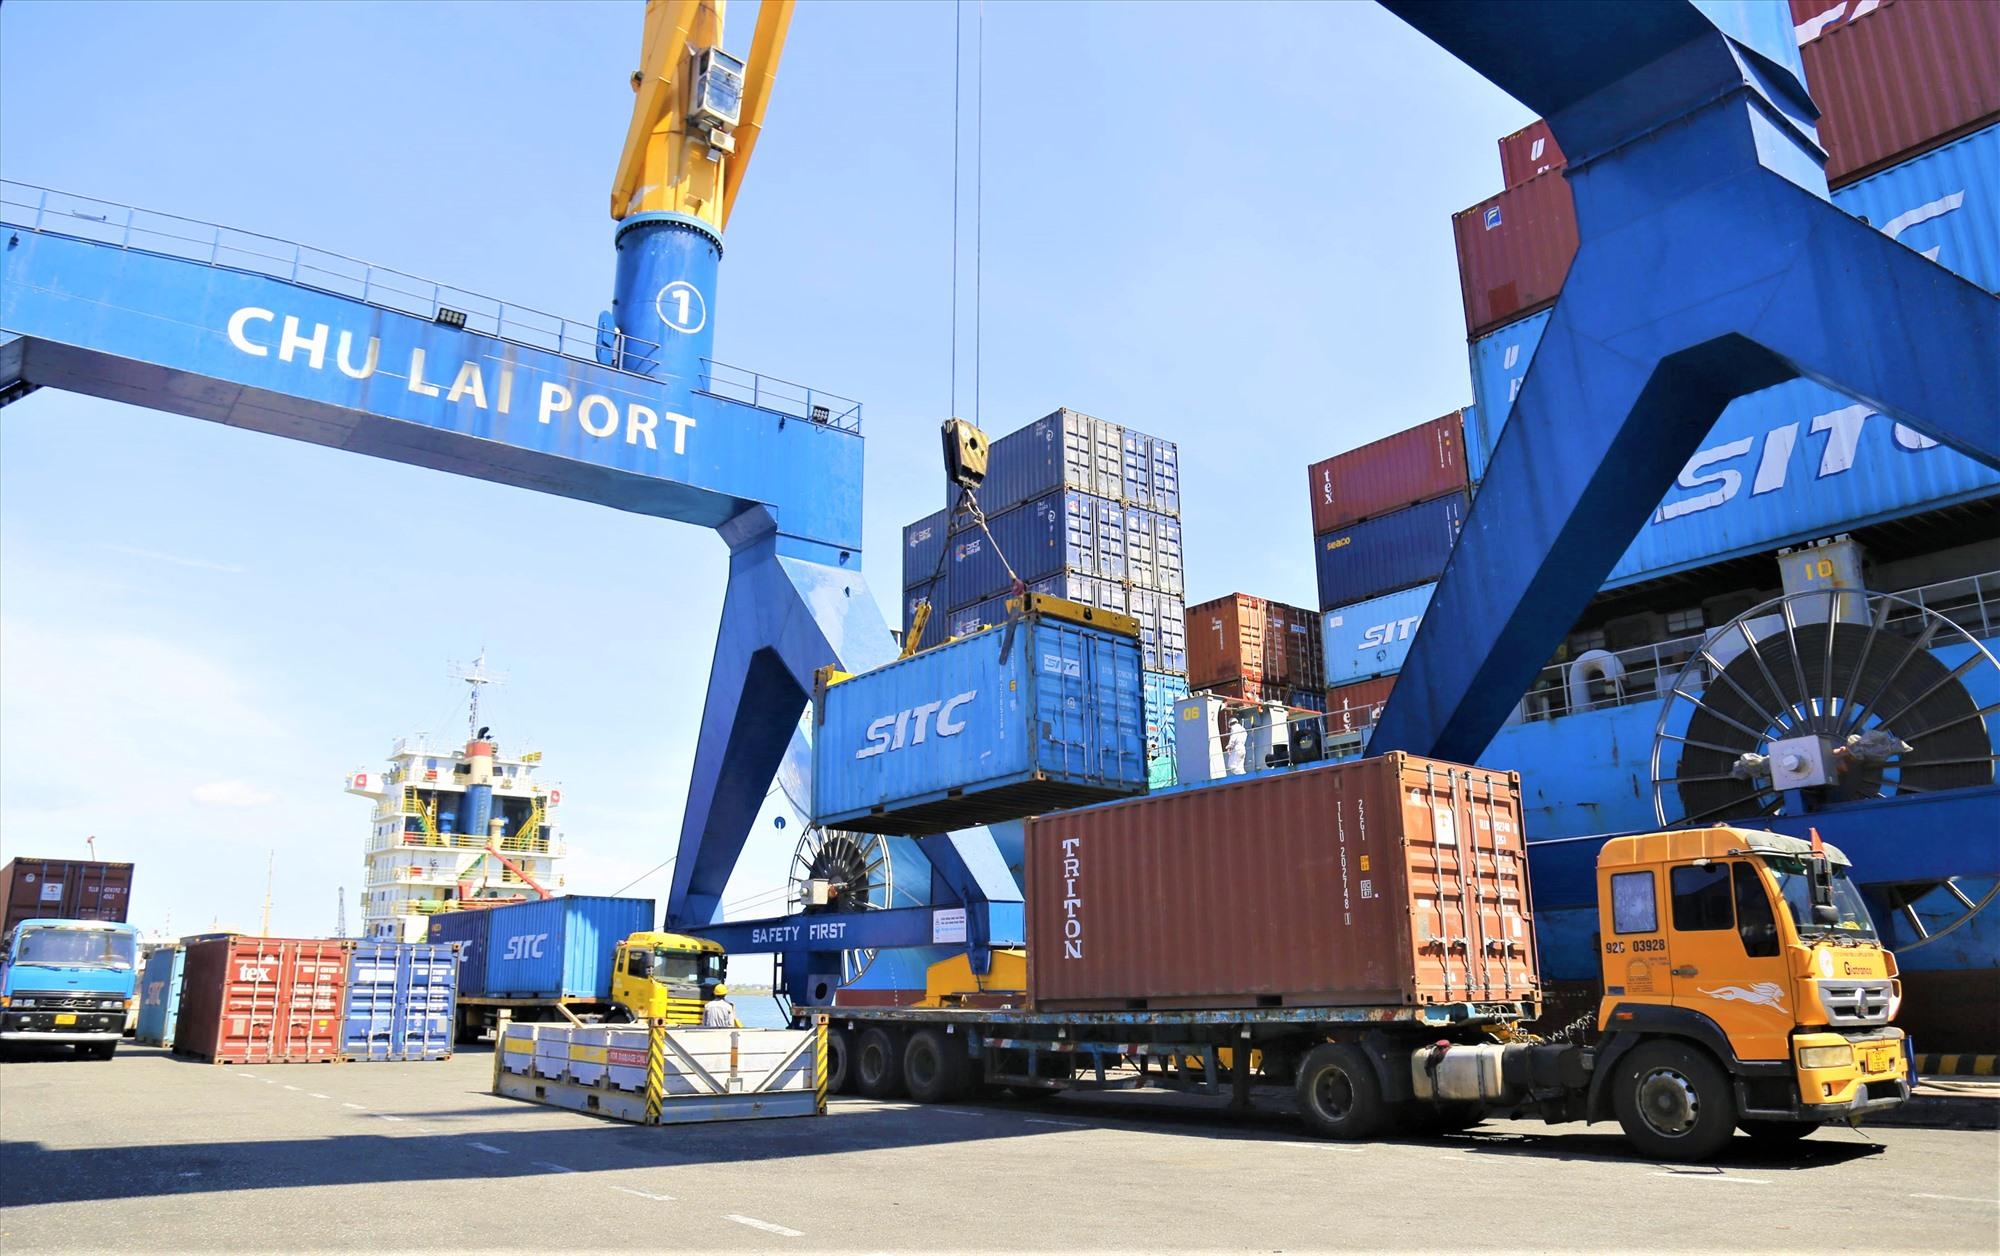 Tinh bột sắn được đưa lên tàu xuất khẩu sang Trung Quốc từ cảng Chu Lai.